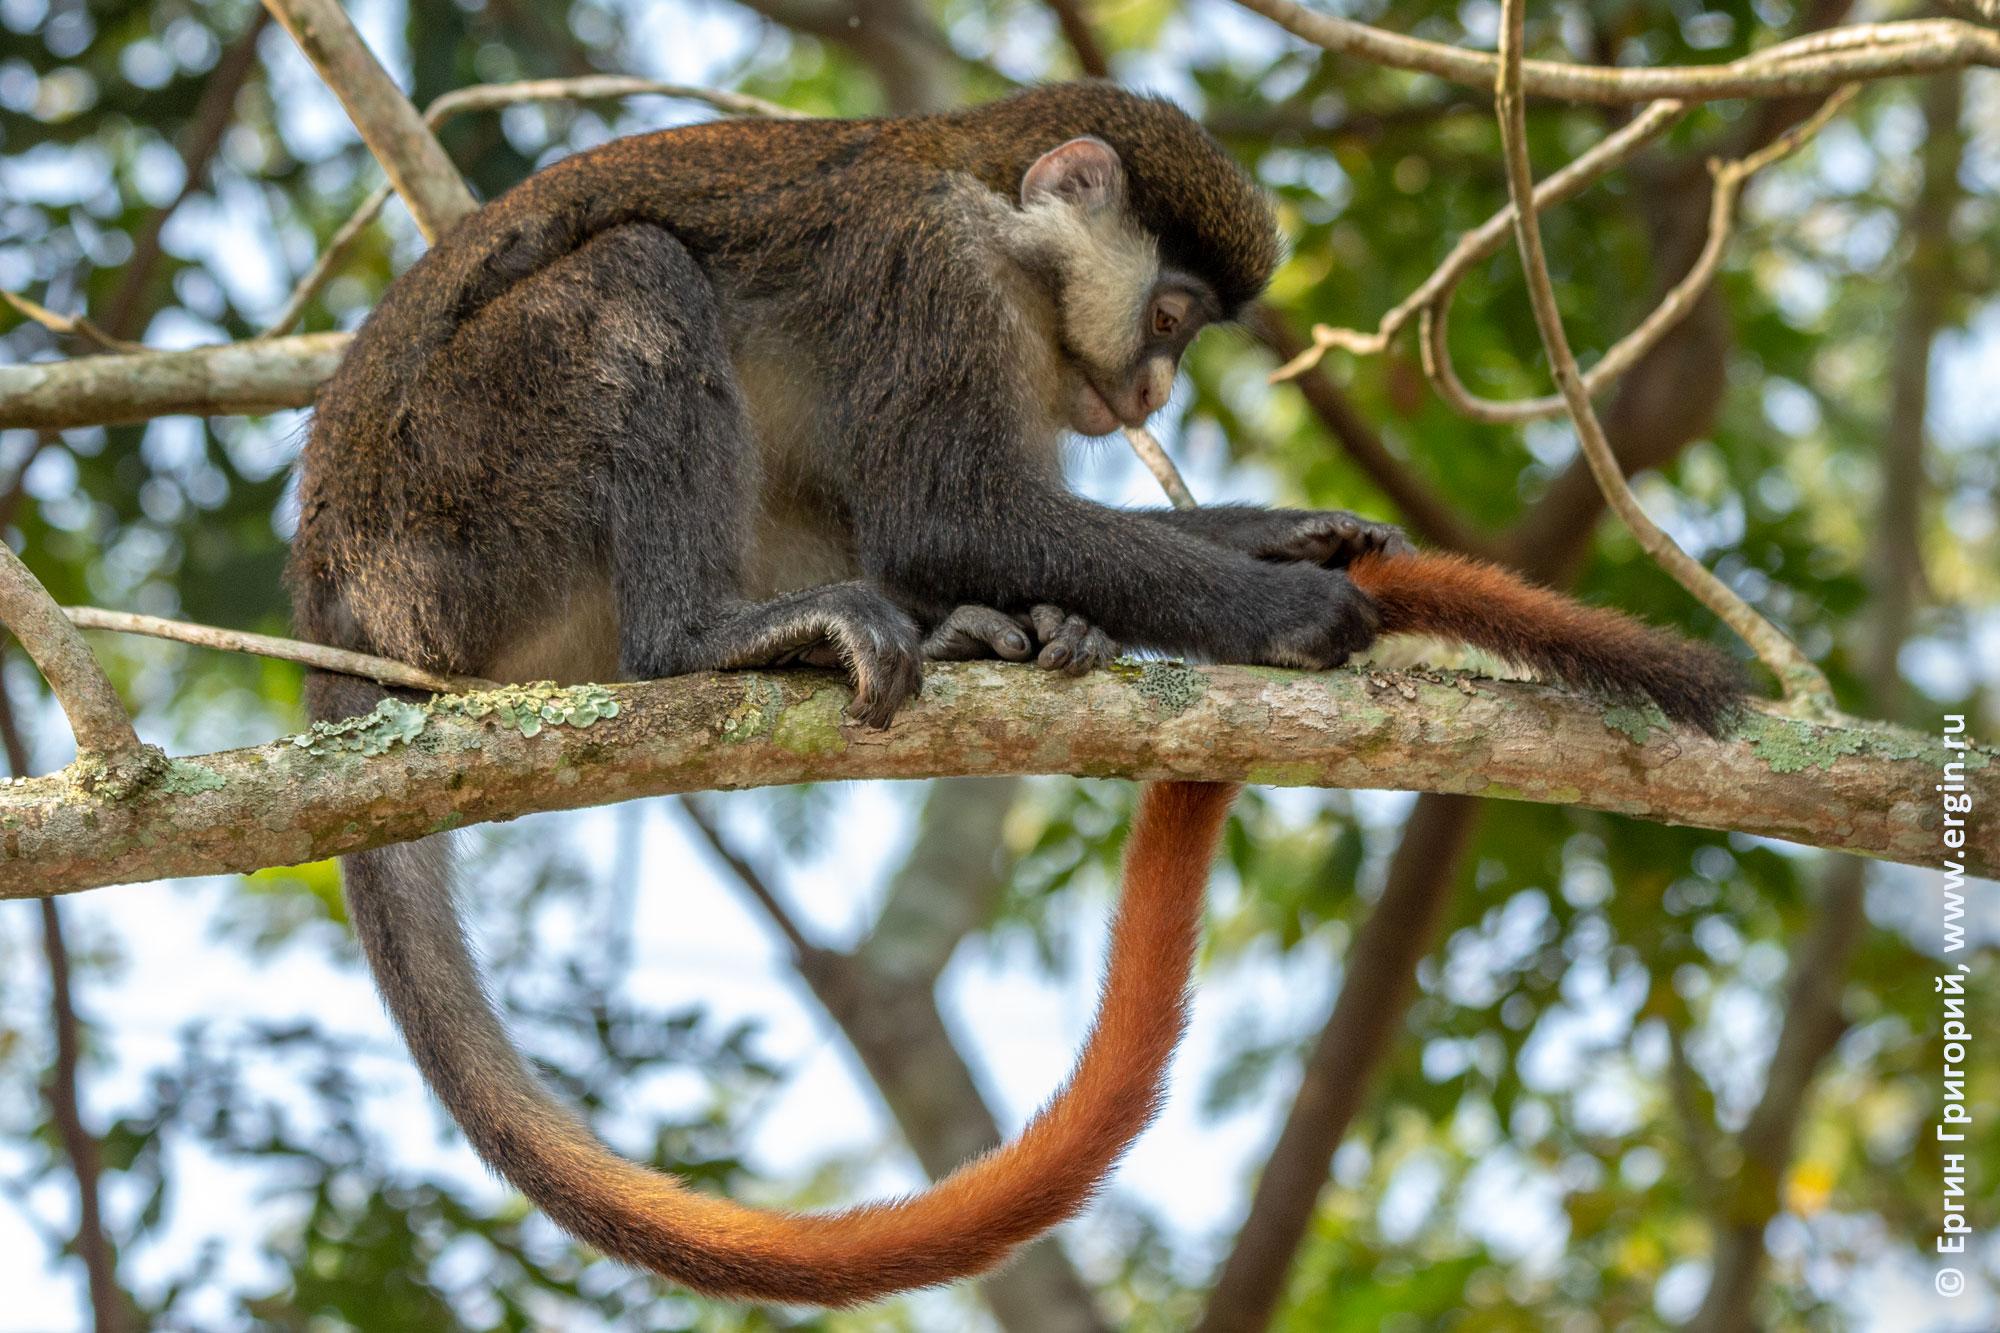 Краснохвостая мартышка смотрит на свой красный хвост обезьяна на дереве в Африке Уганда